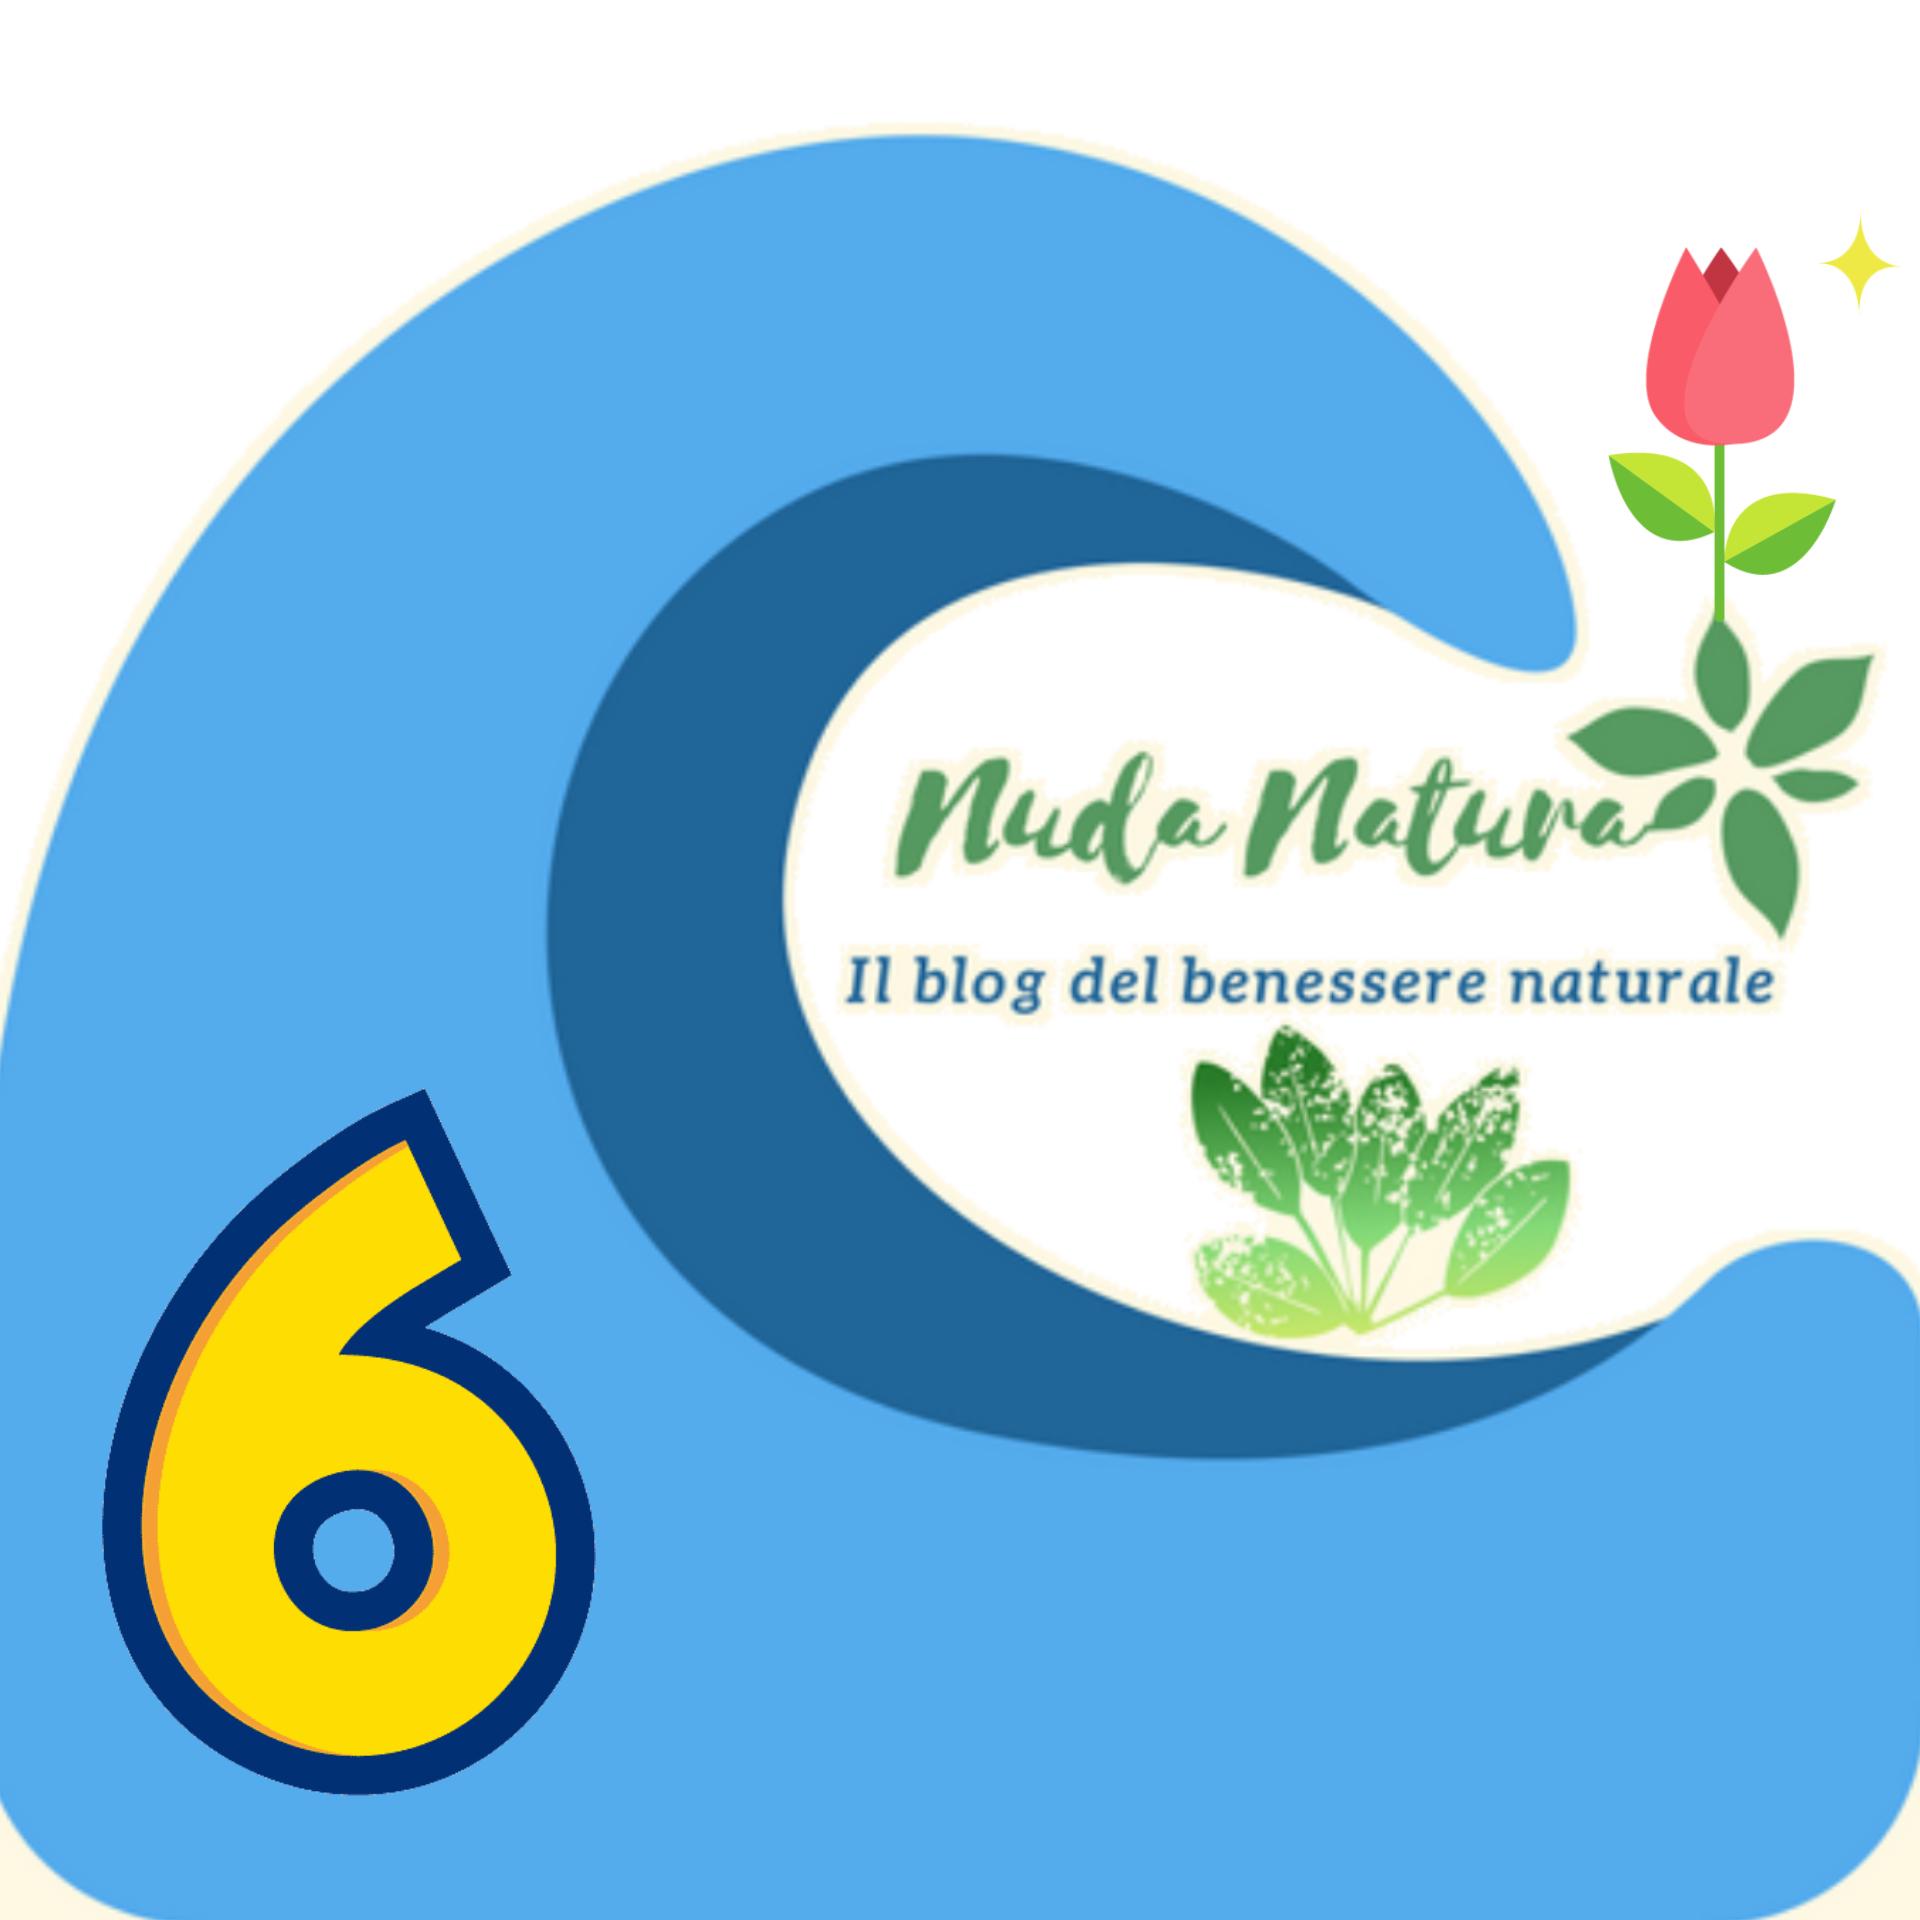 Nuda Natura day: 6th Anniversary